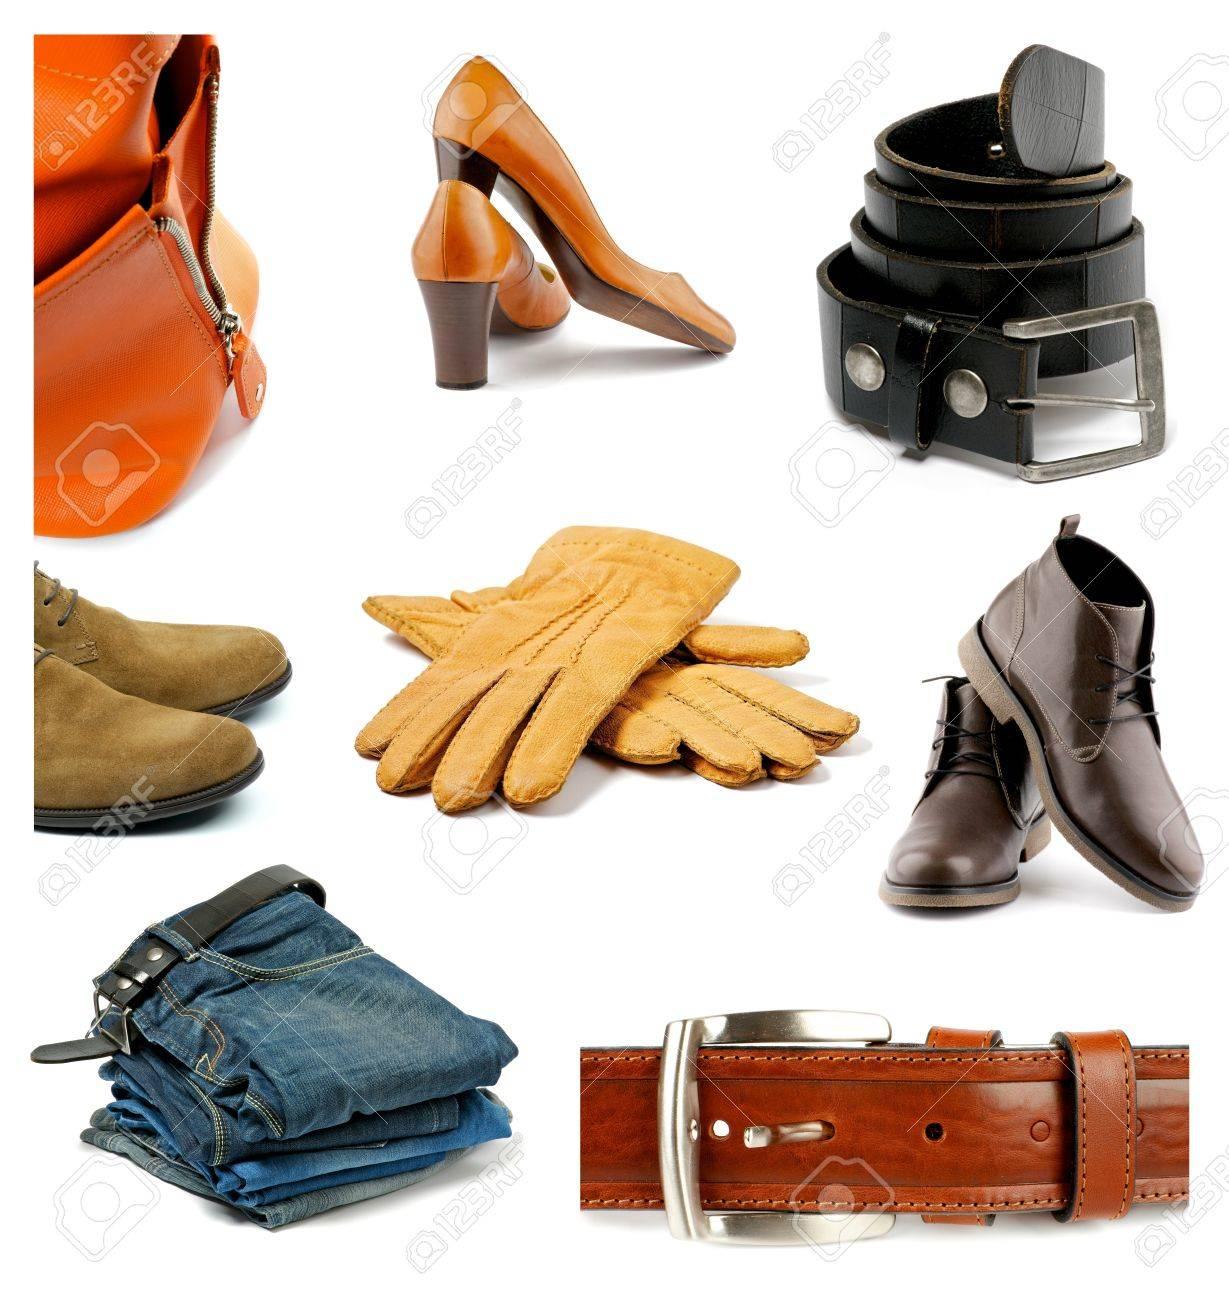 Braderie le prix reste stable modèles à la mode Collection de vêtements, chaussures et accessoires contemporains masculin  et féminin isolé sur fond blanc